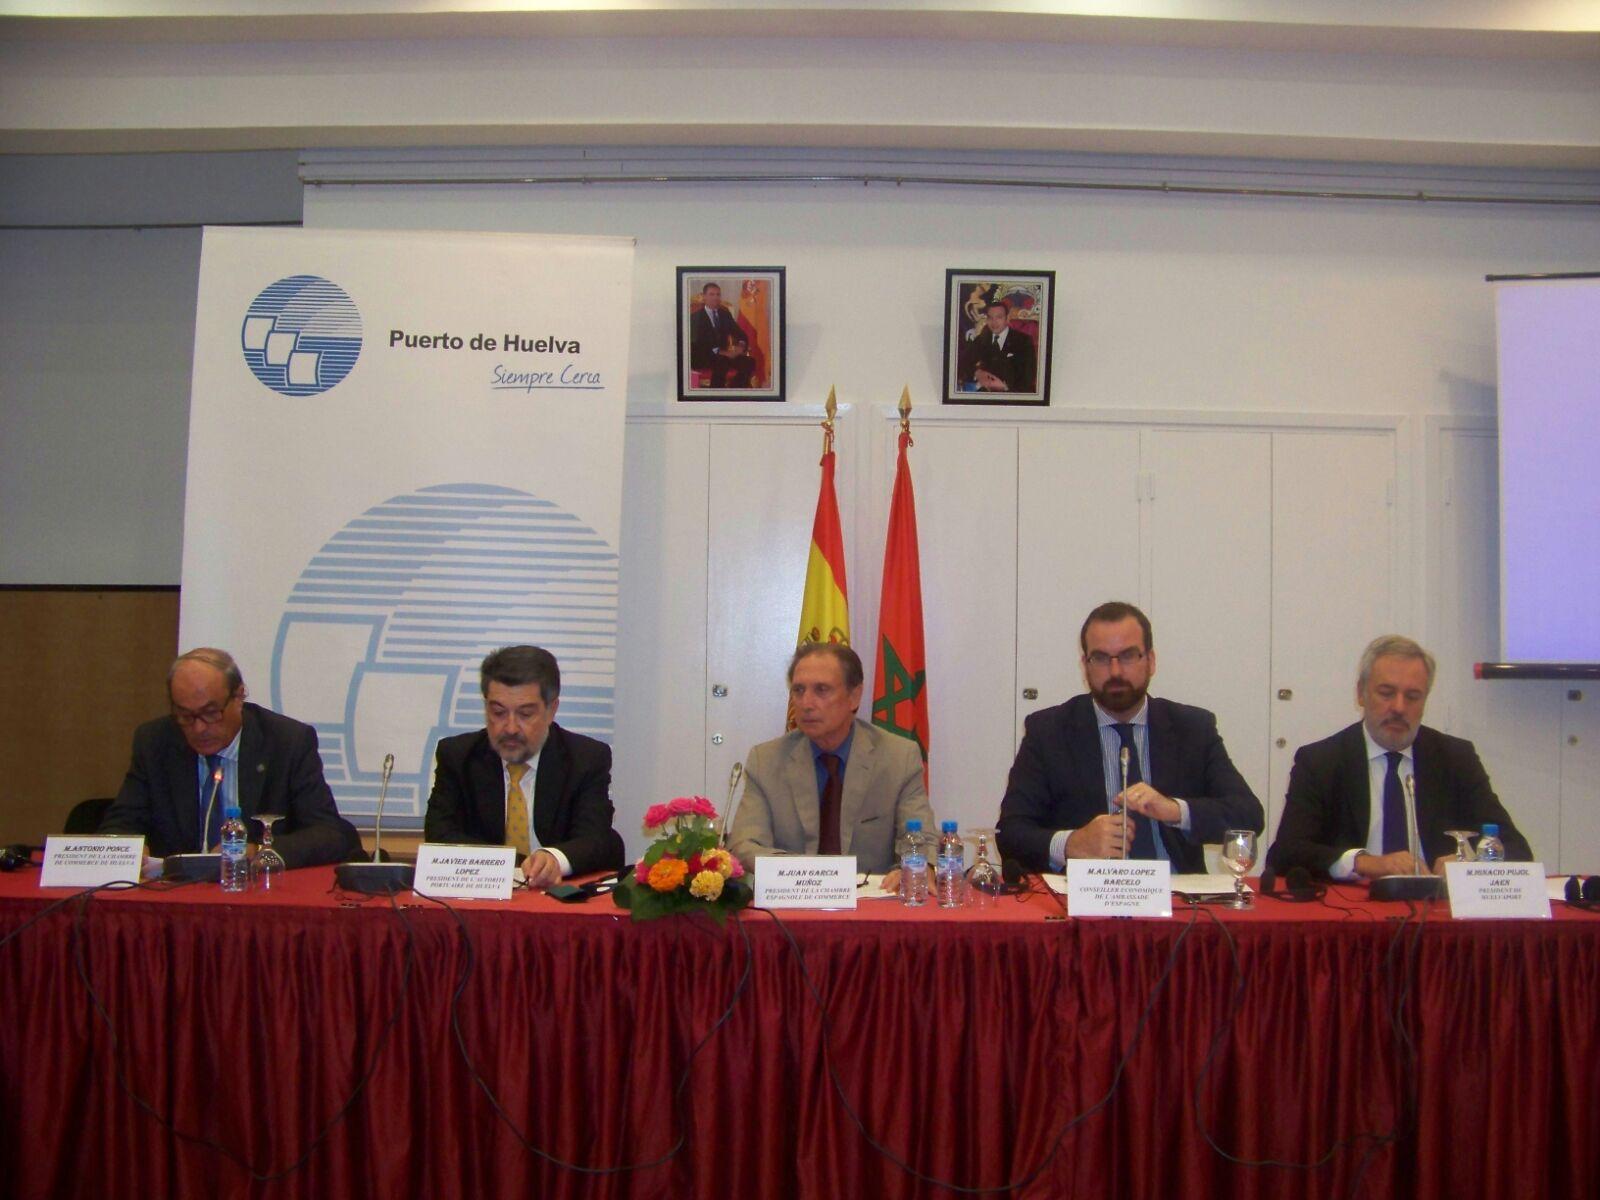 Representantes del Puerto de Huelva durante la presentación en Casablanca